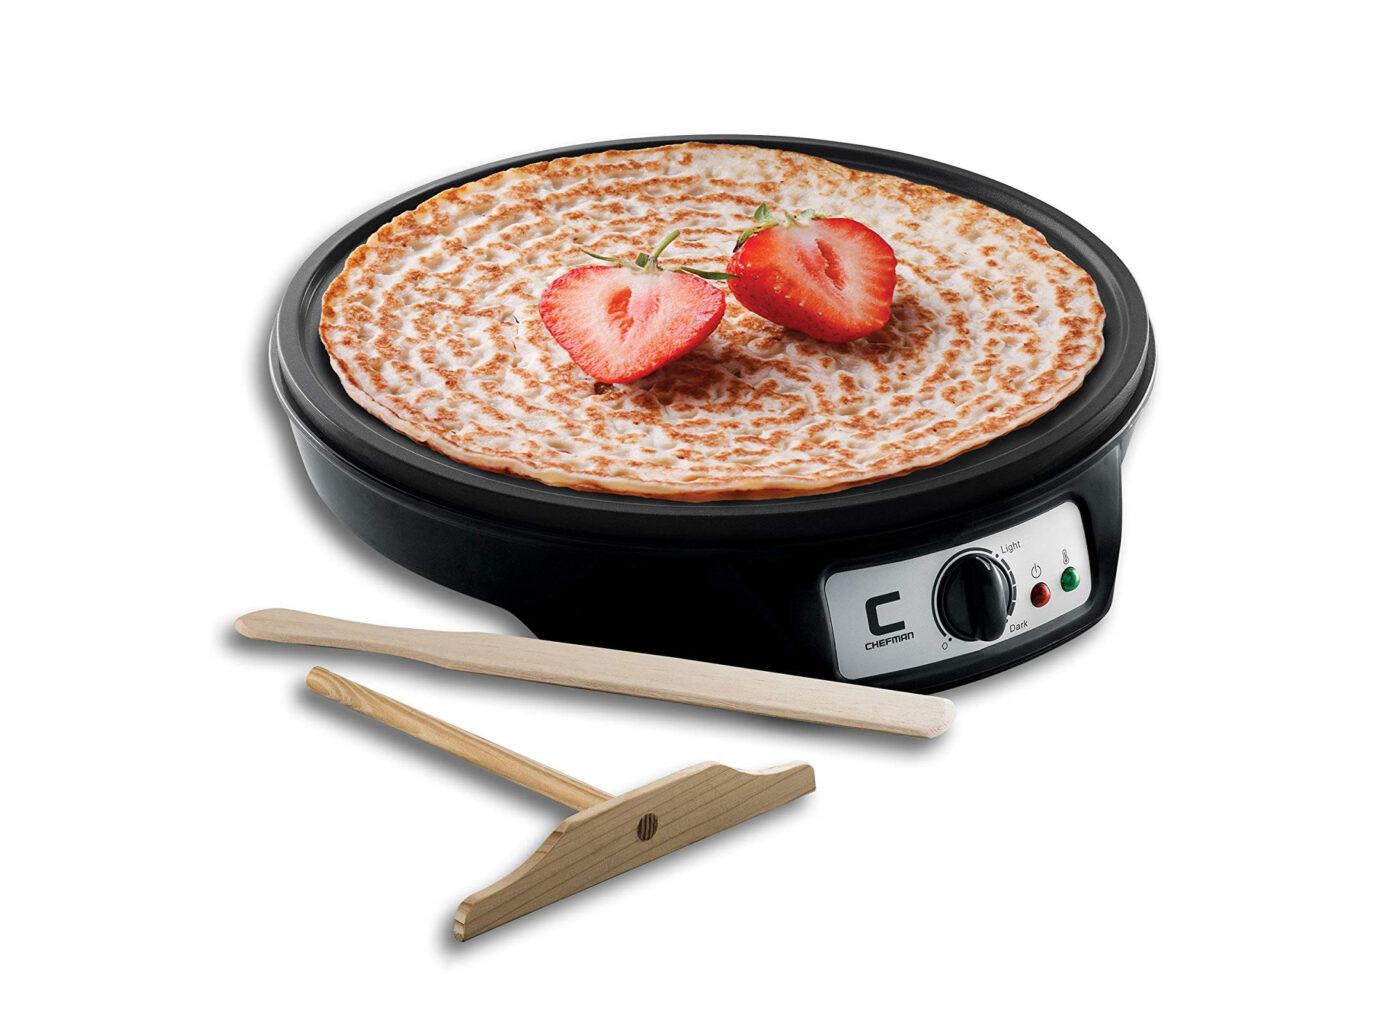 Chefman Electric Crepe Maker Griddle